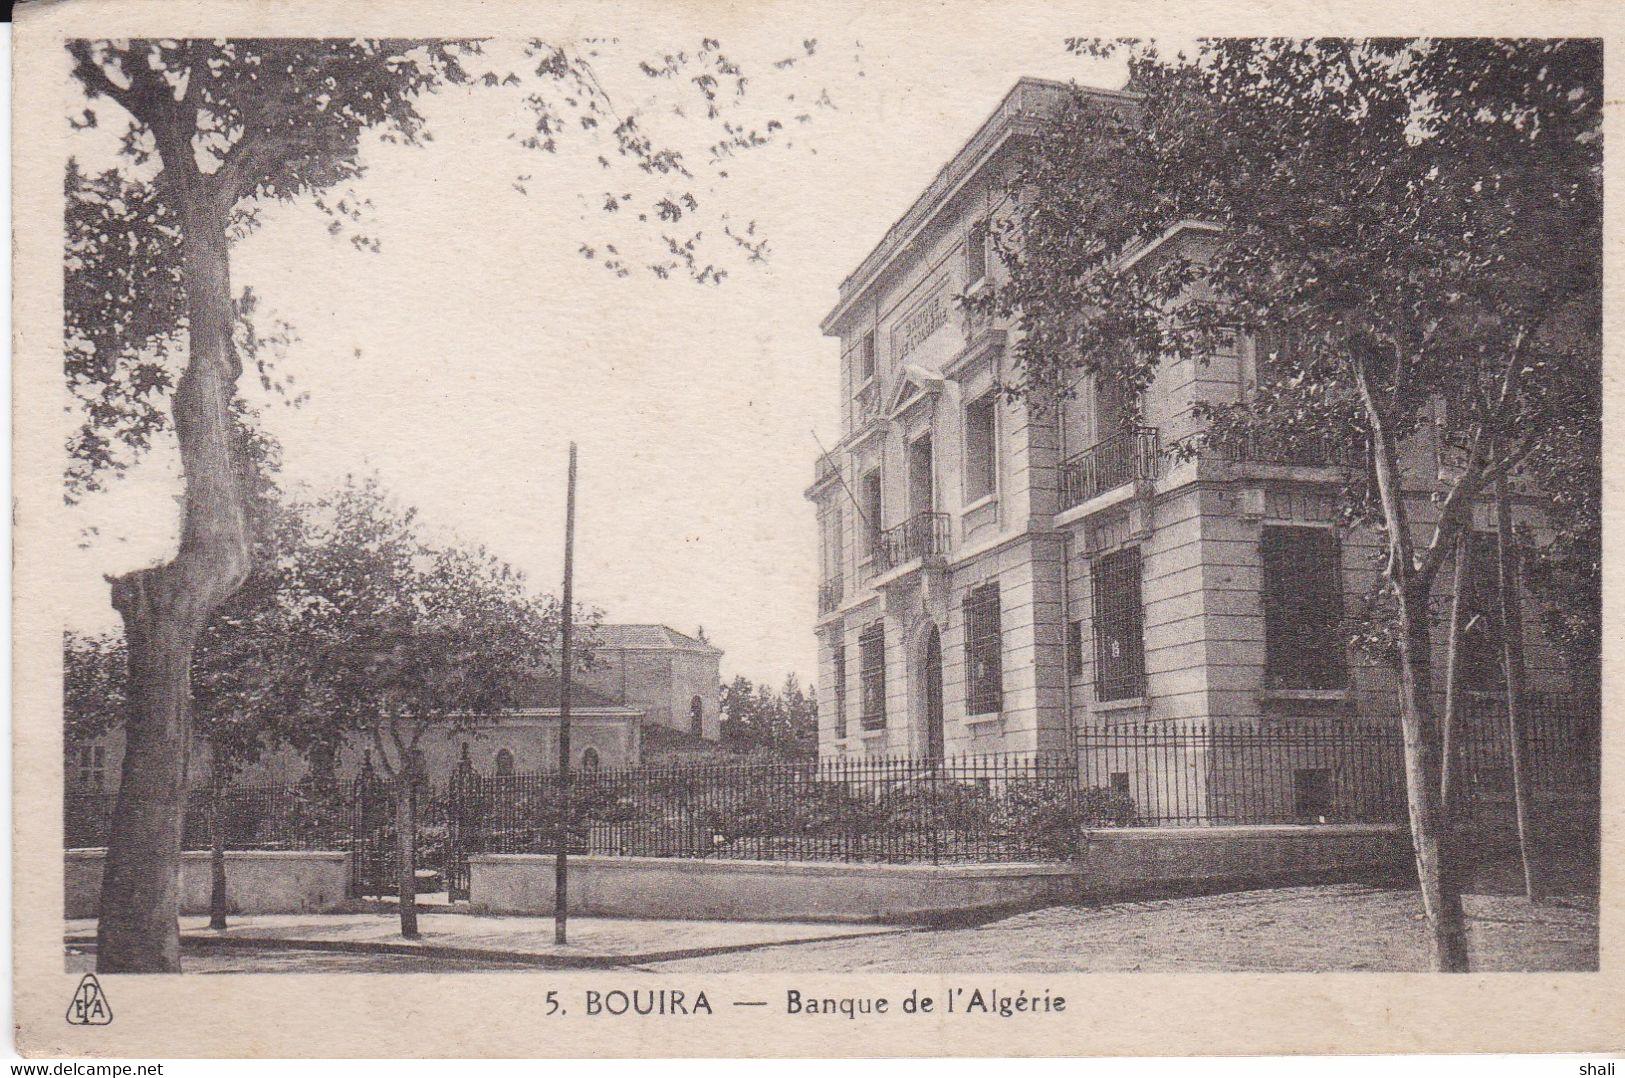 CPA BOUIRA BANQUE DE L'ALGERIE - Other Cities